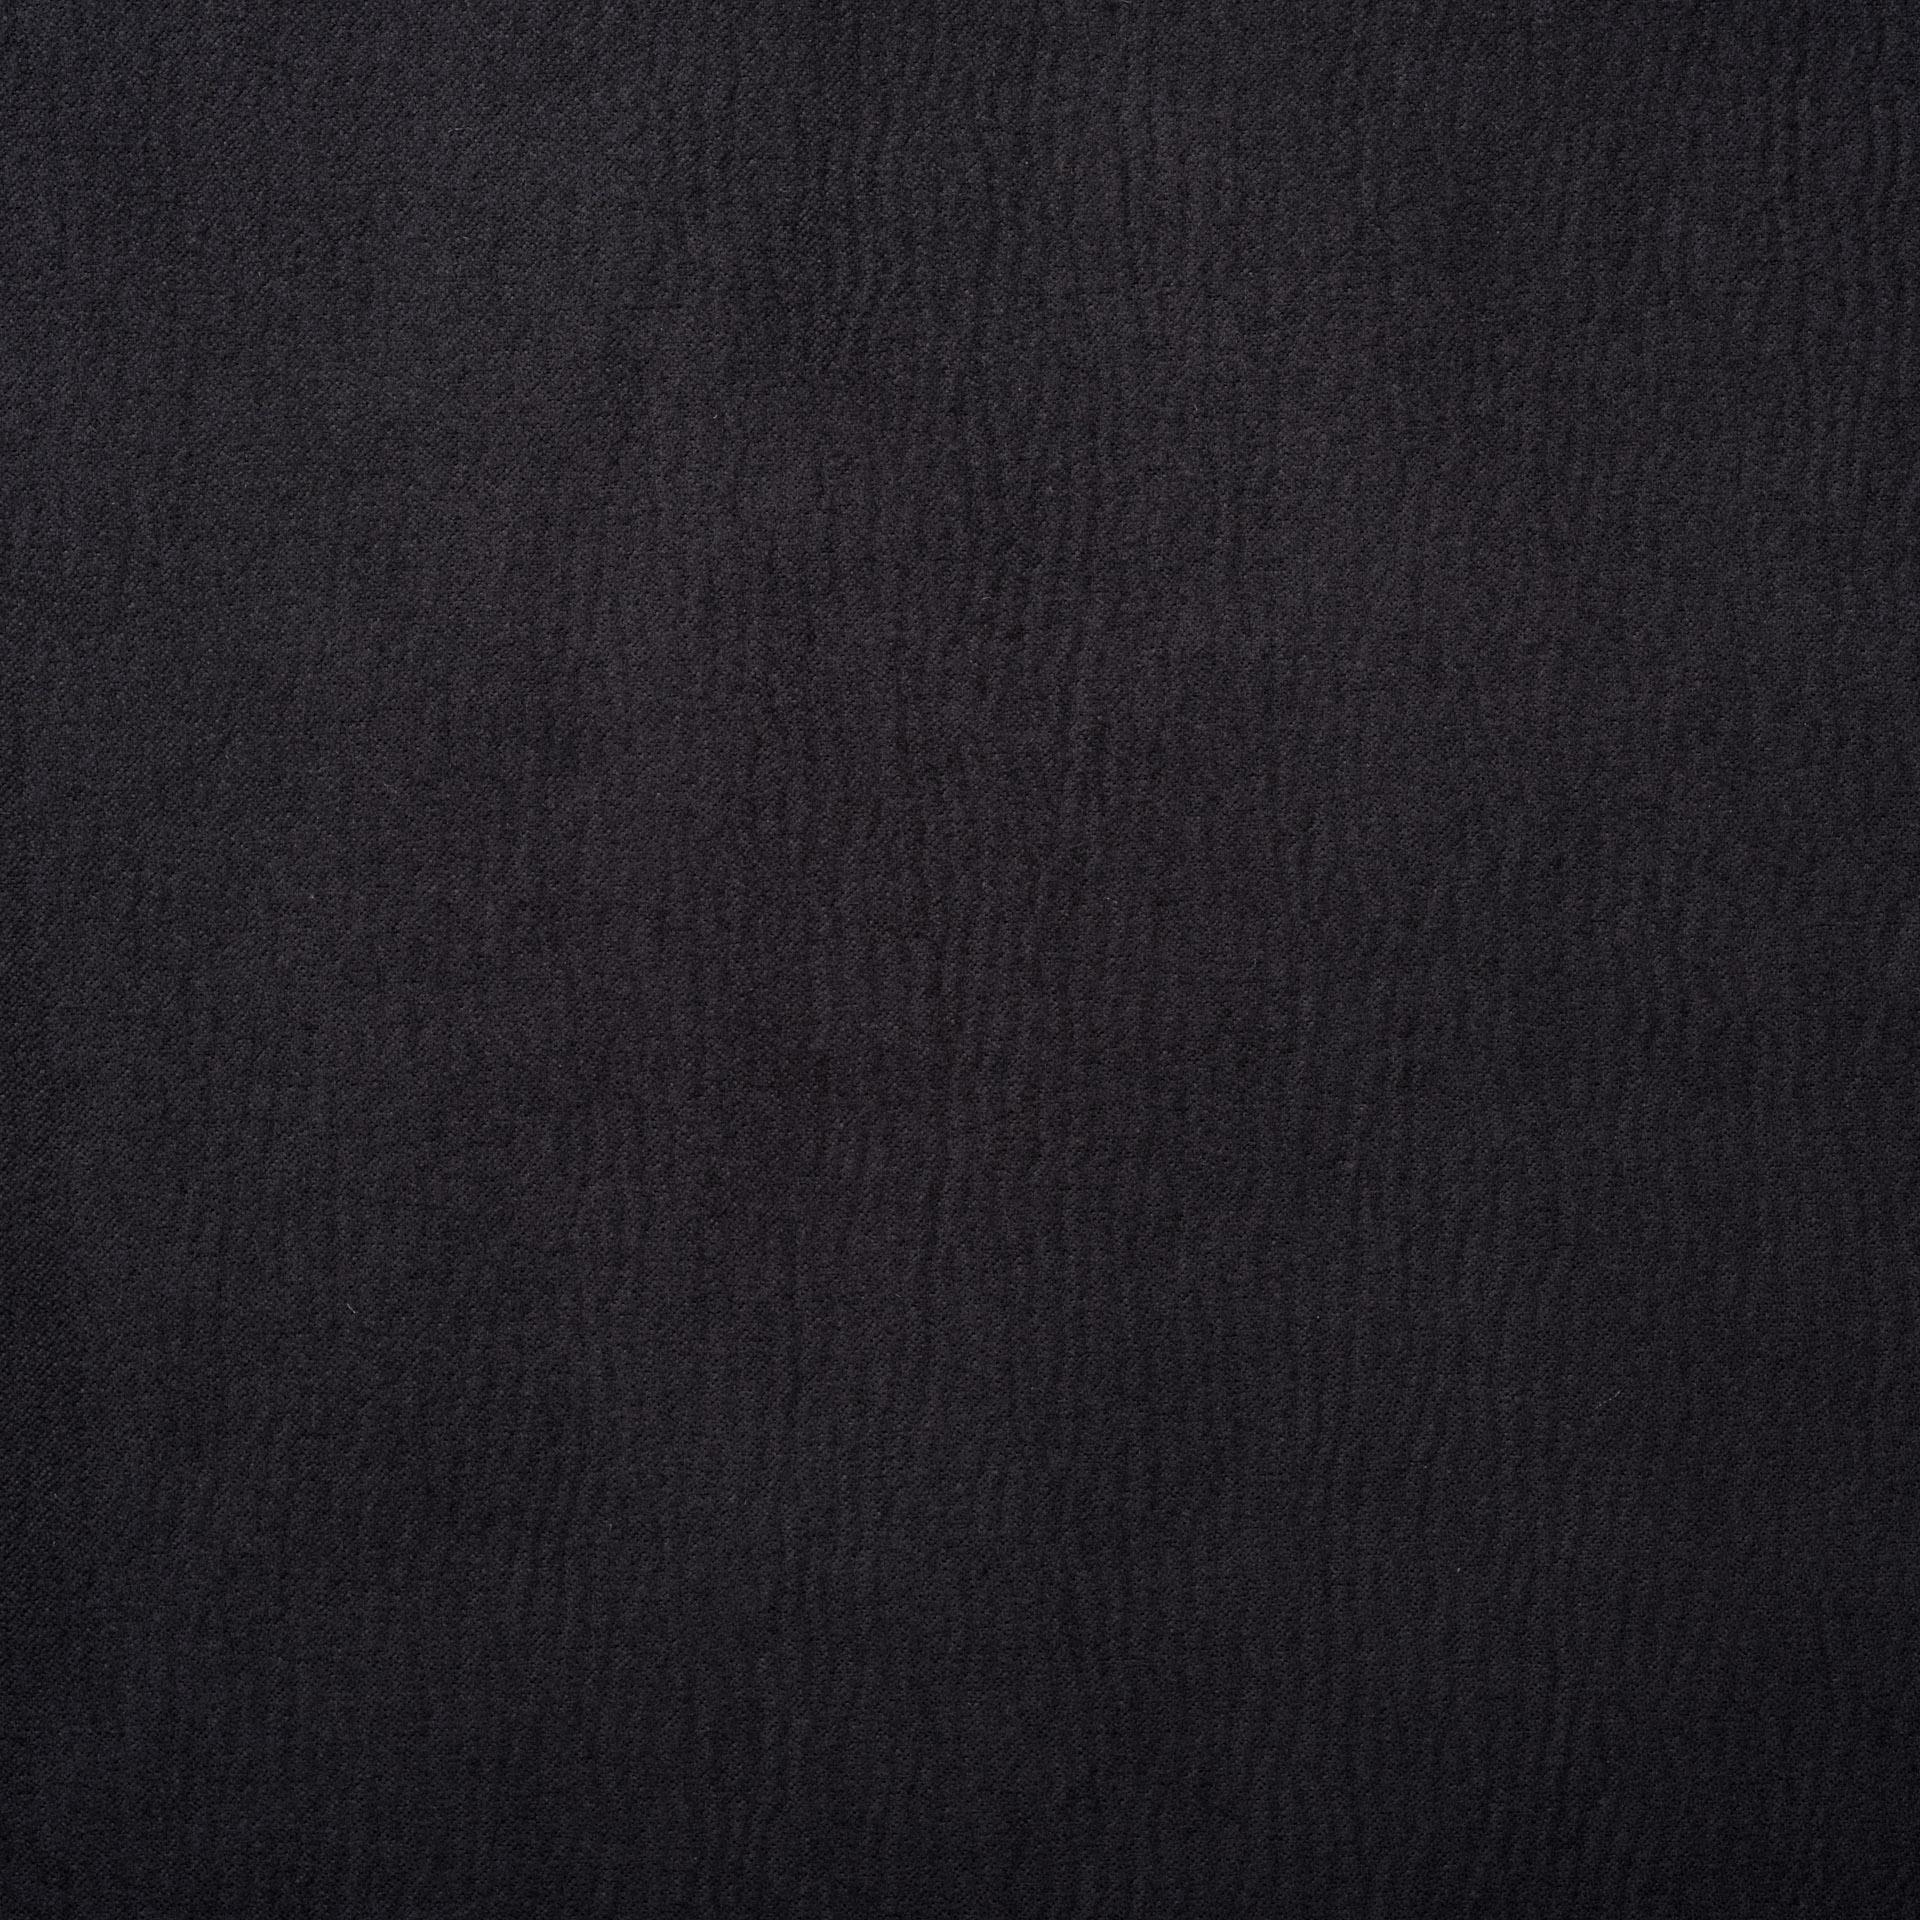 Коллекция ткани Нубук 11 PANTHER,  купить ткань Велюр для мебели Украина